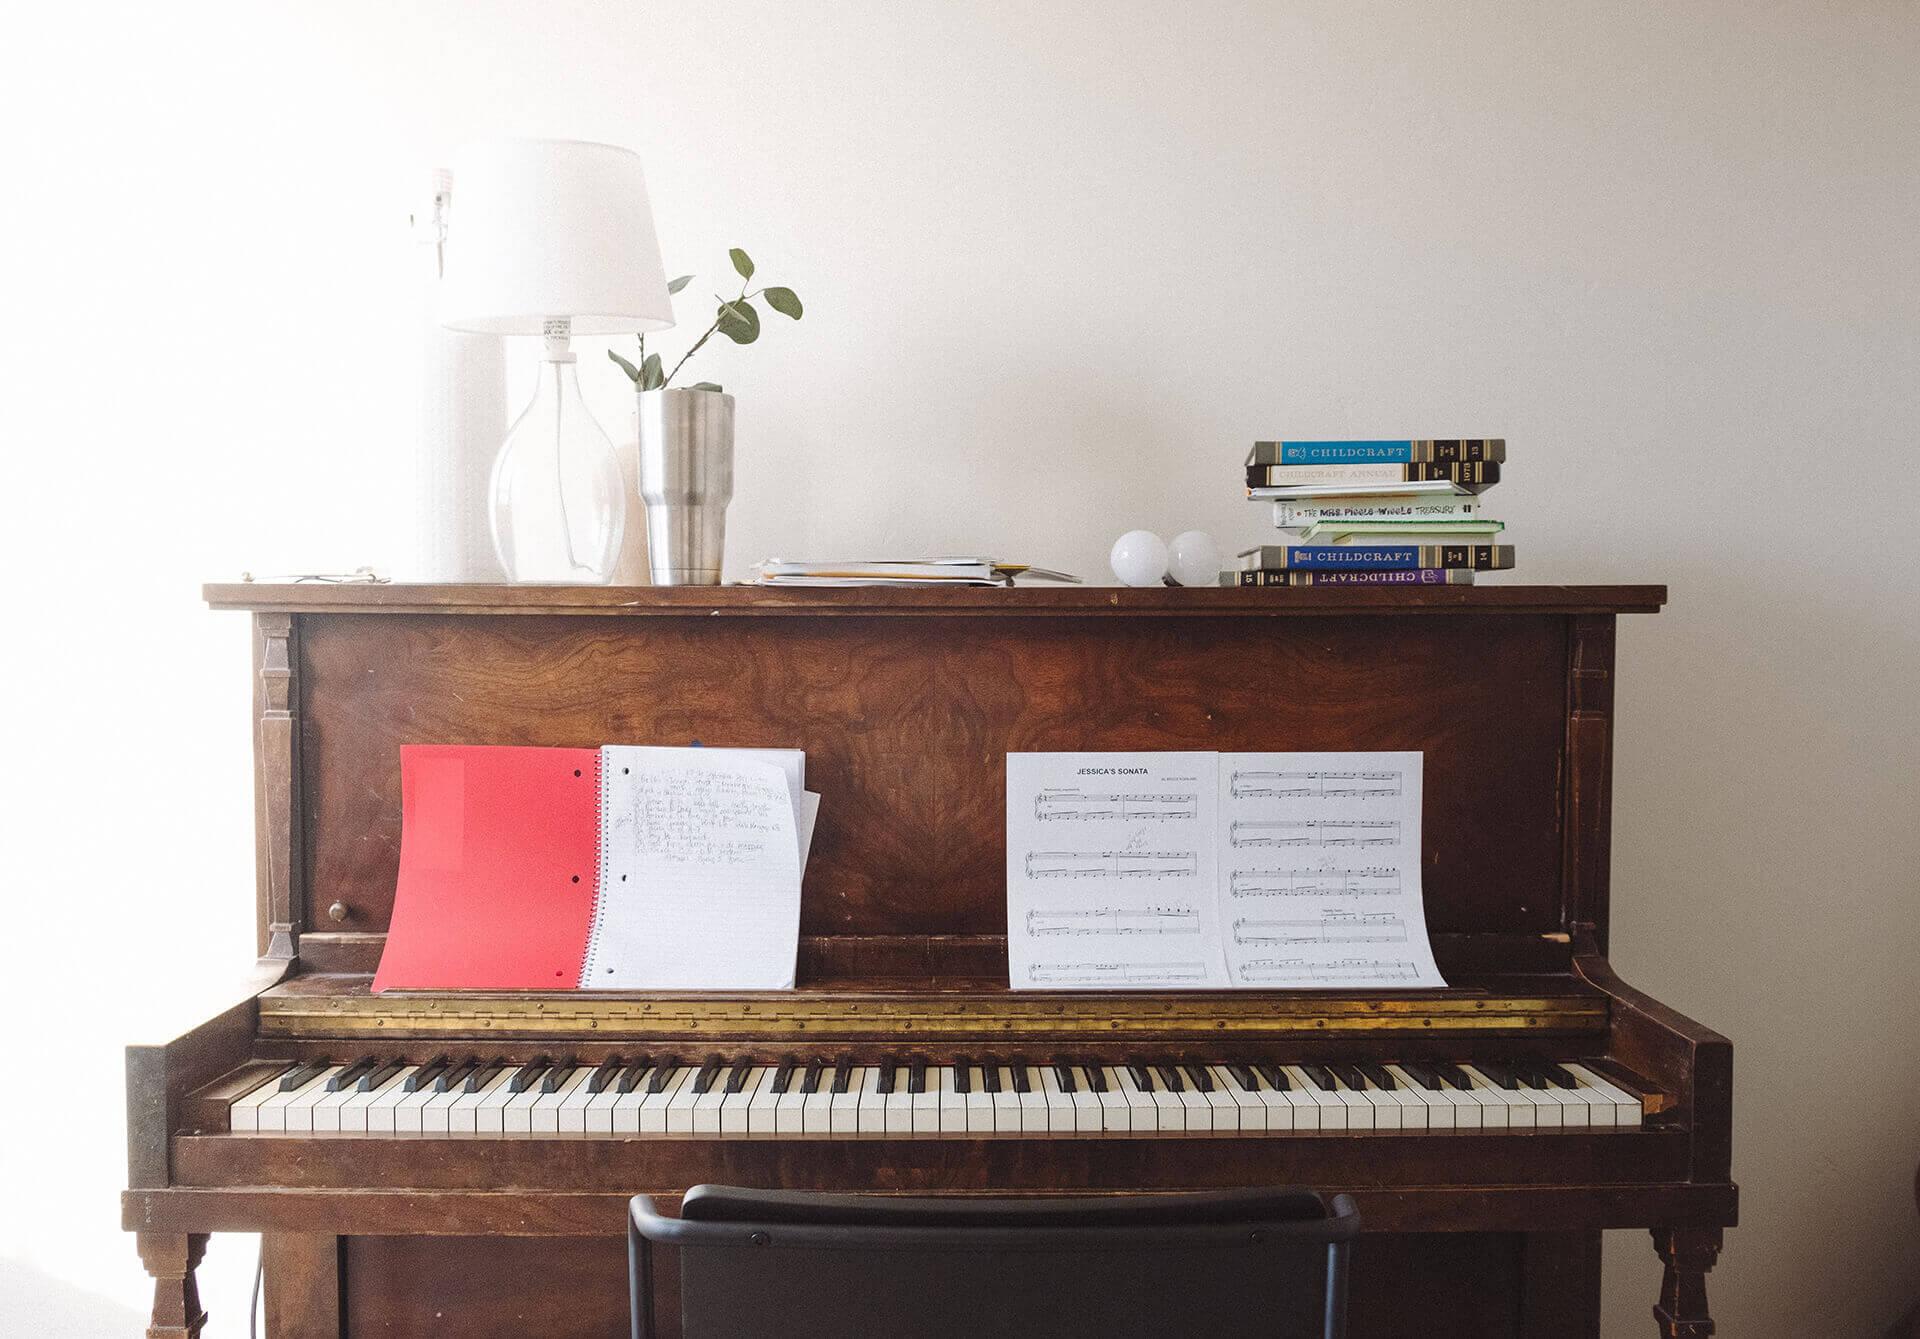 A pianoforte